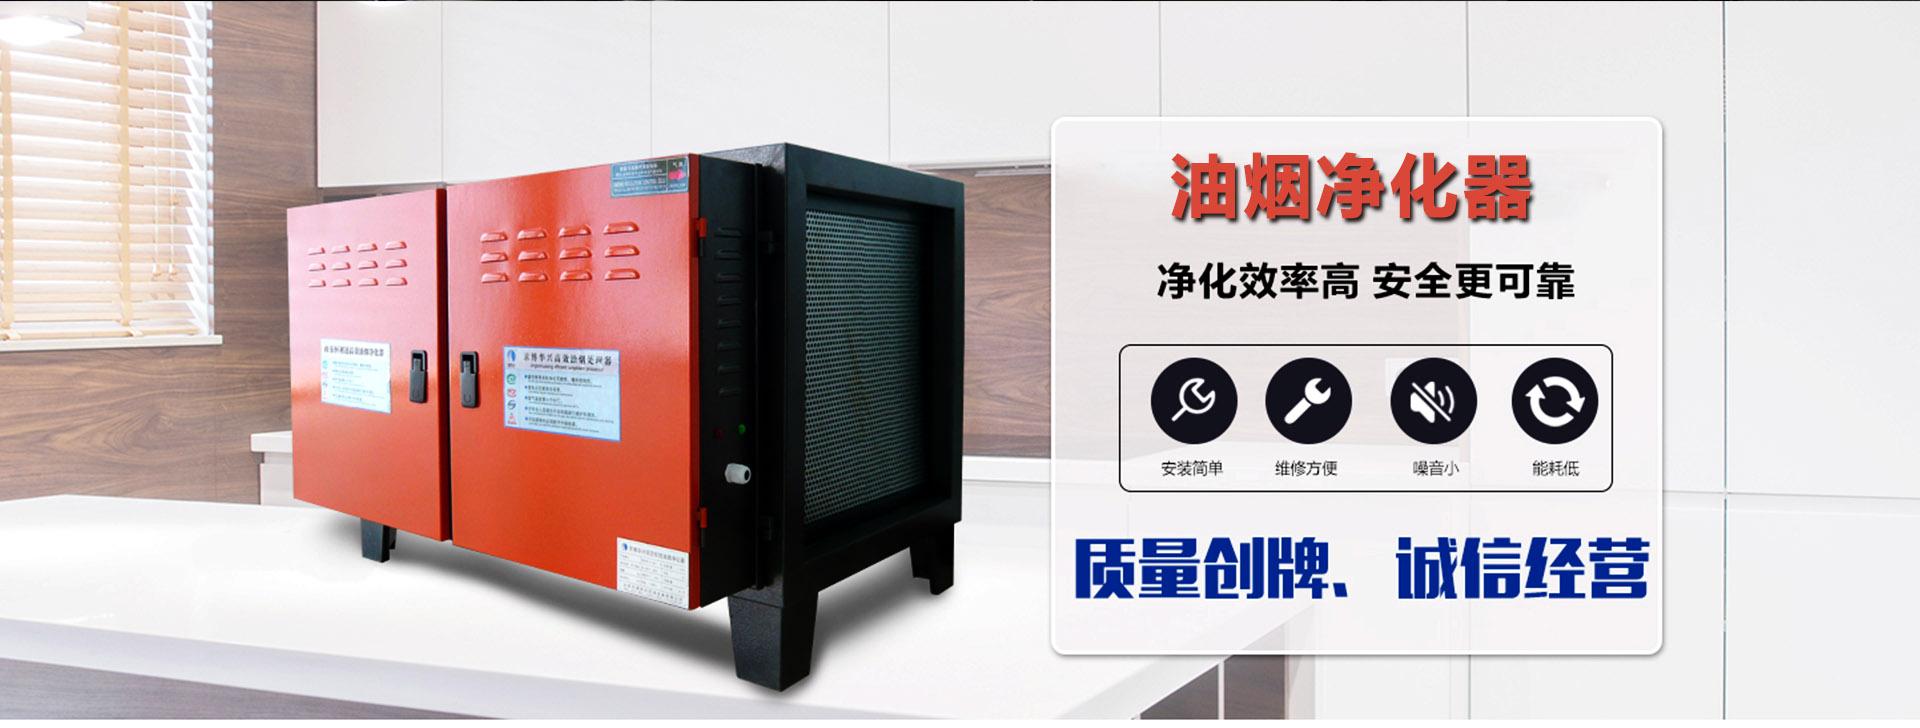 济南厨房油烟净化器